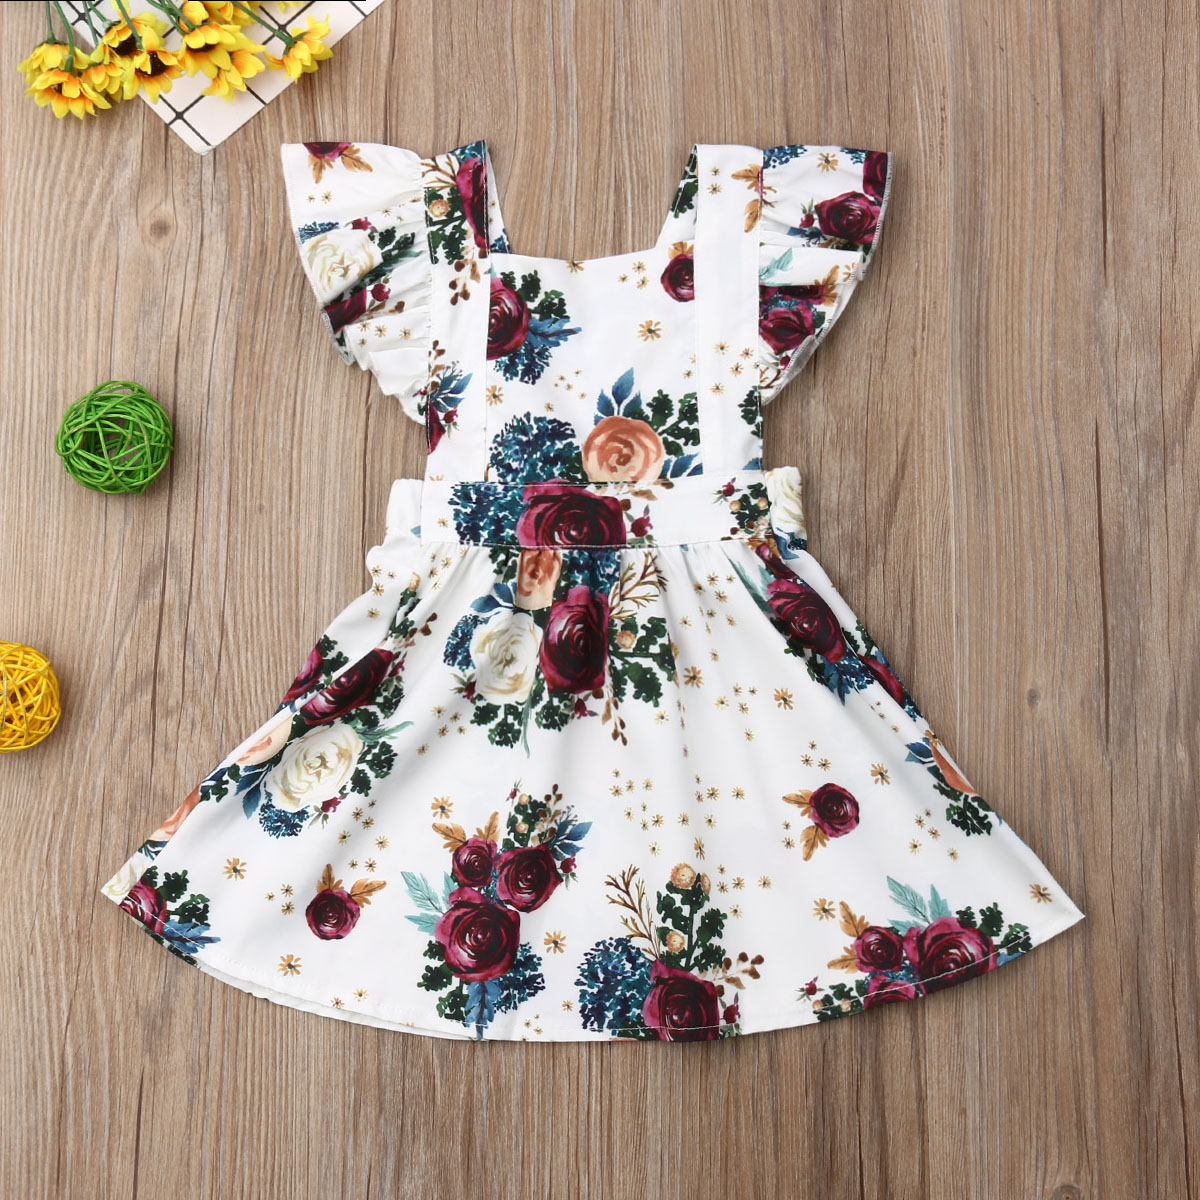 Boomboom Baby Girls Summer Dress 2018 Girls Clothes Cute White Fairy Tale Cartoon Princess Dress